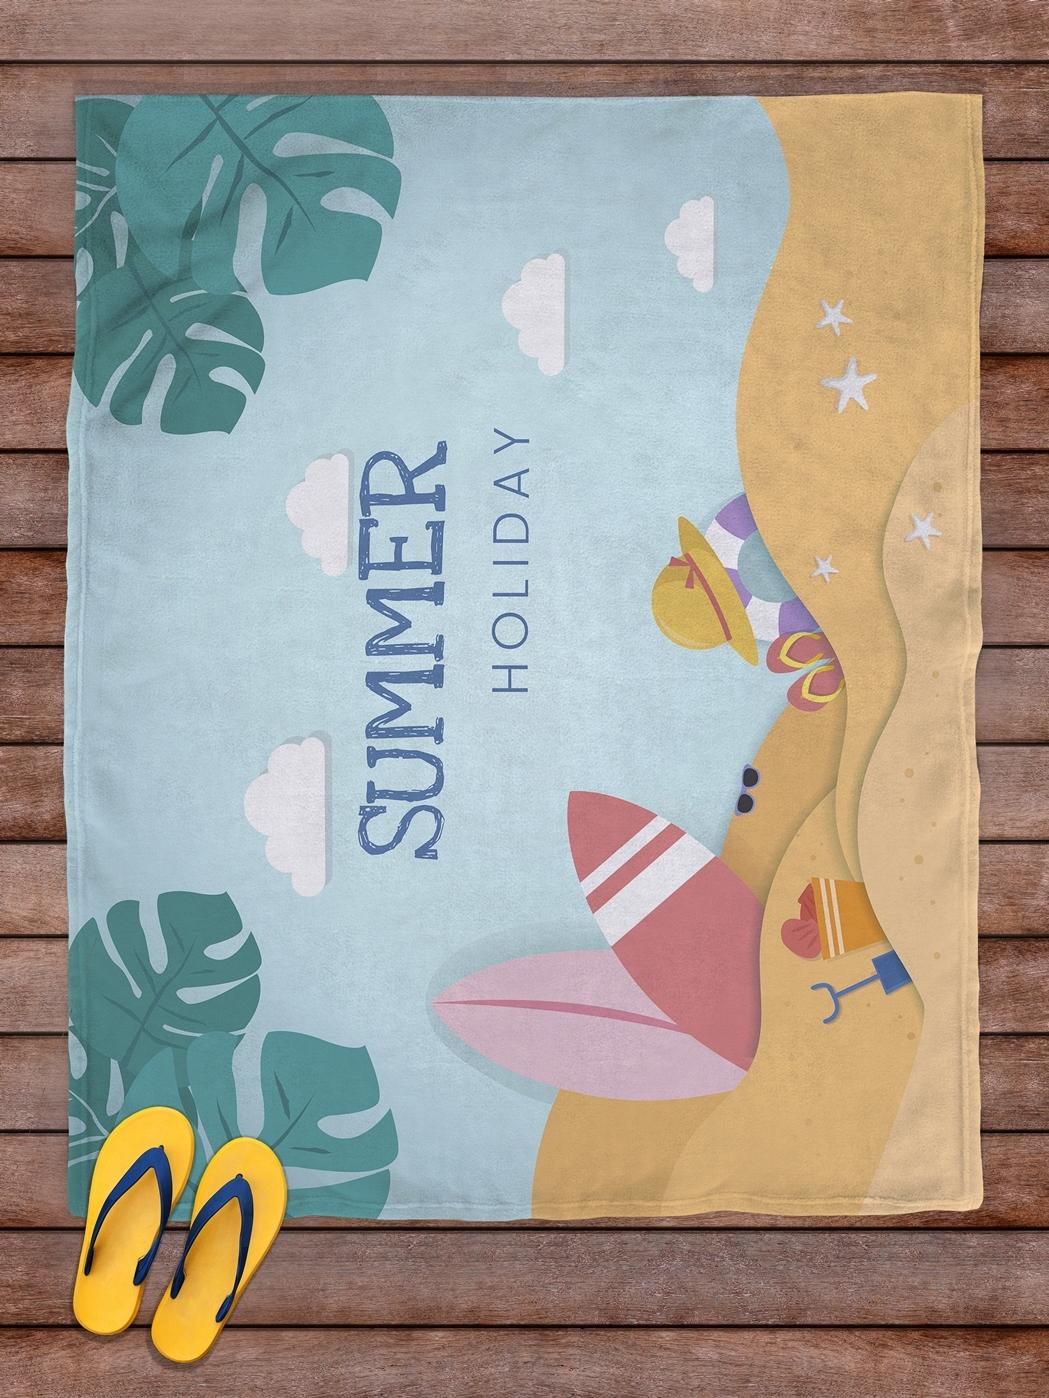 Плед покрывало пляжное для пикника флис 145х180 Summer Holiday- обзор, преимущества, отзывы. Заказать товар за 2263 руб. Бренд sfer.tex